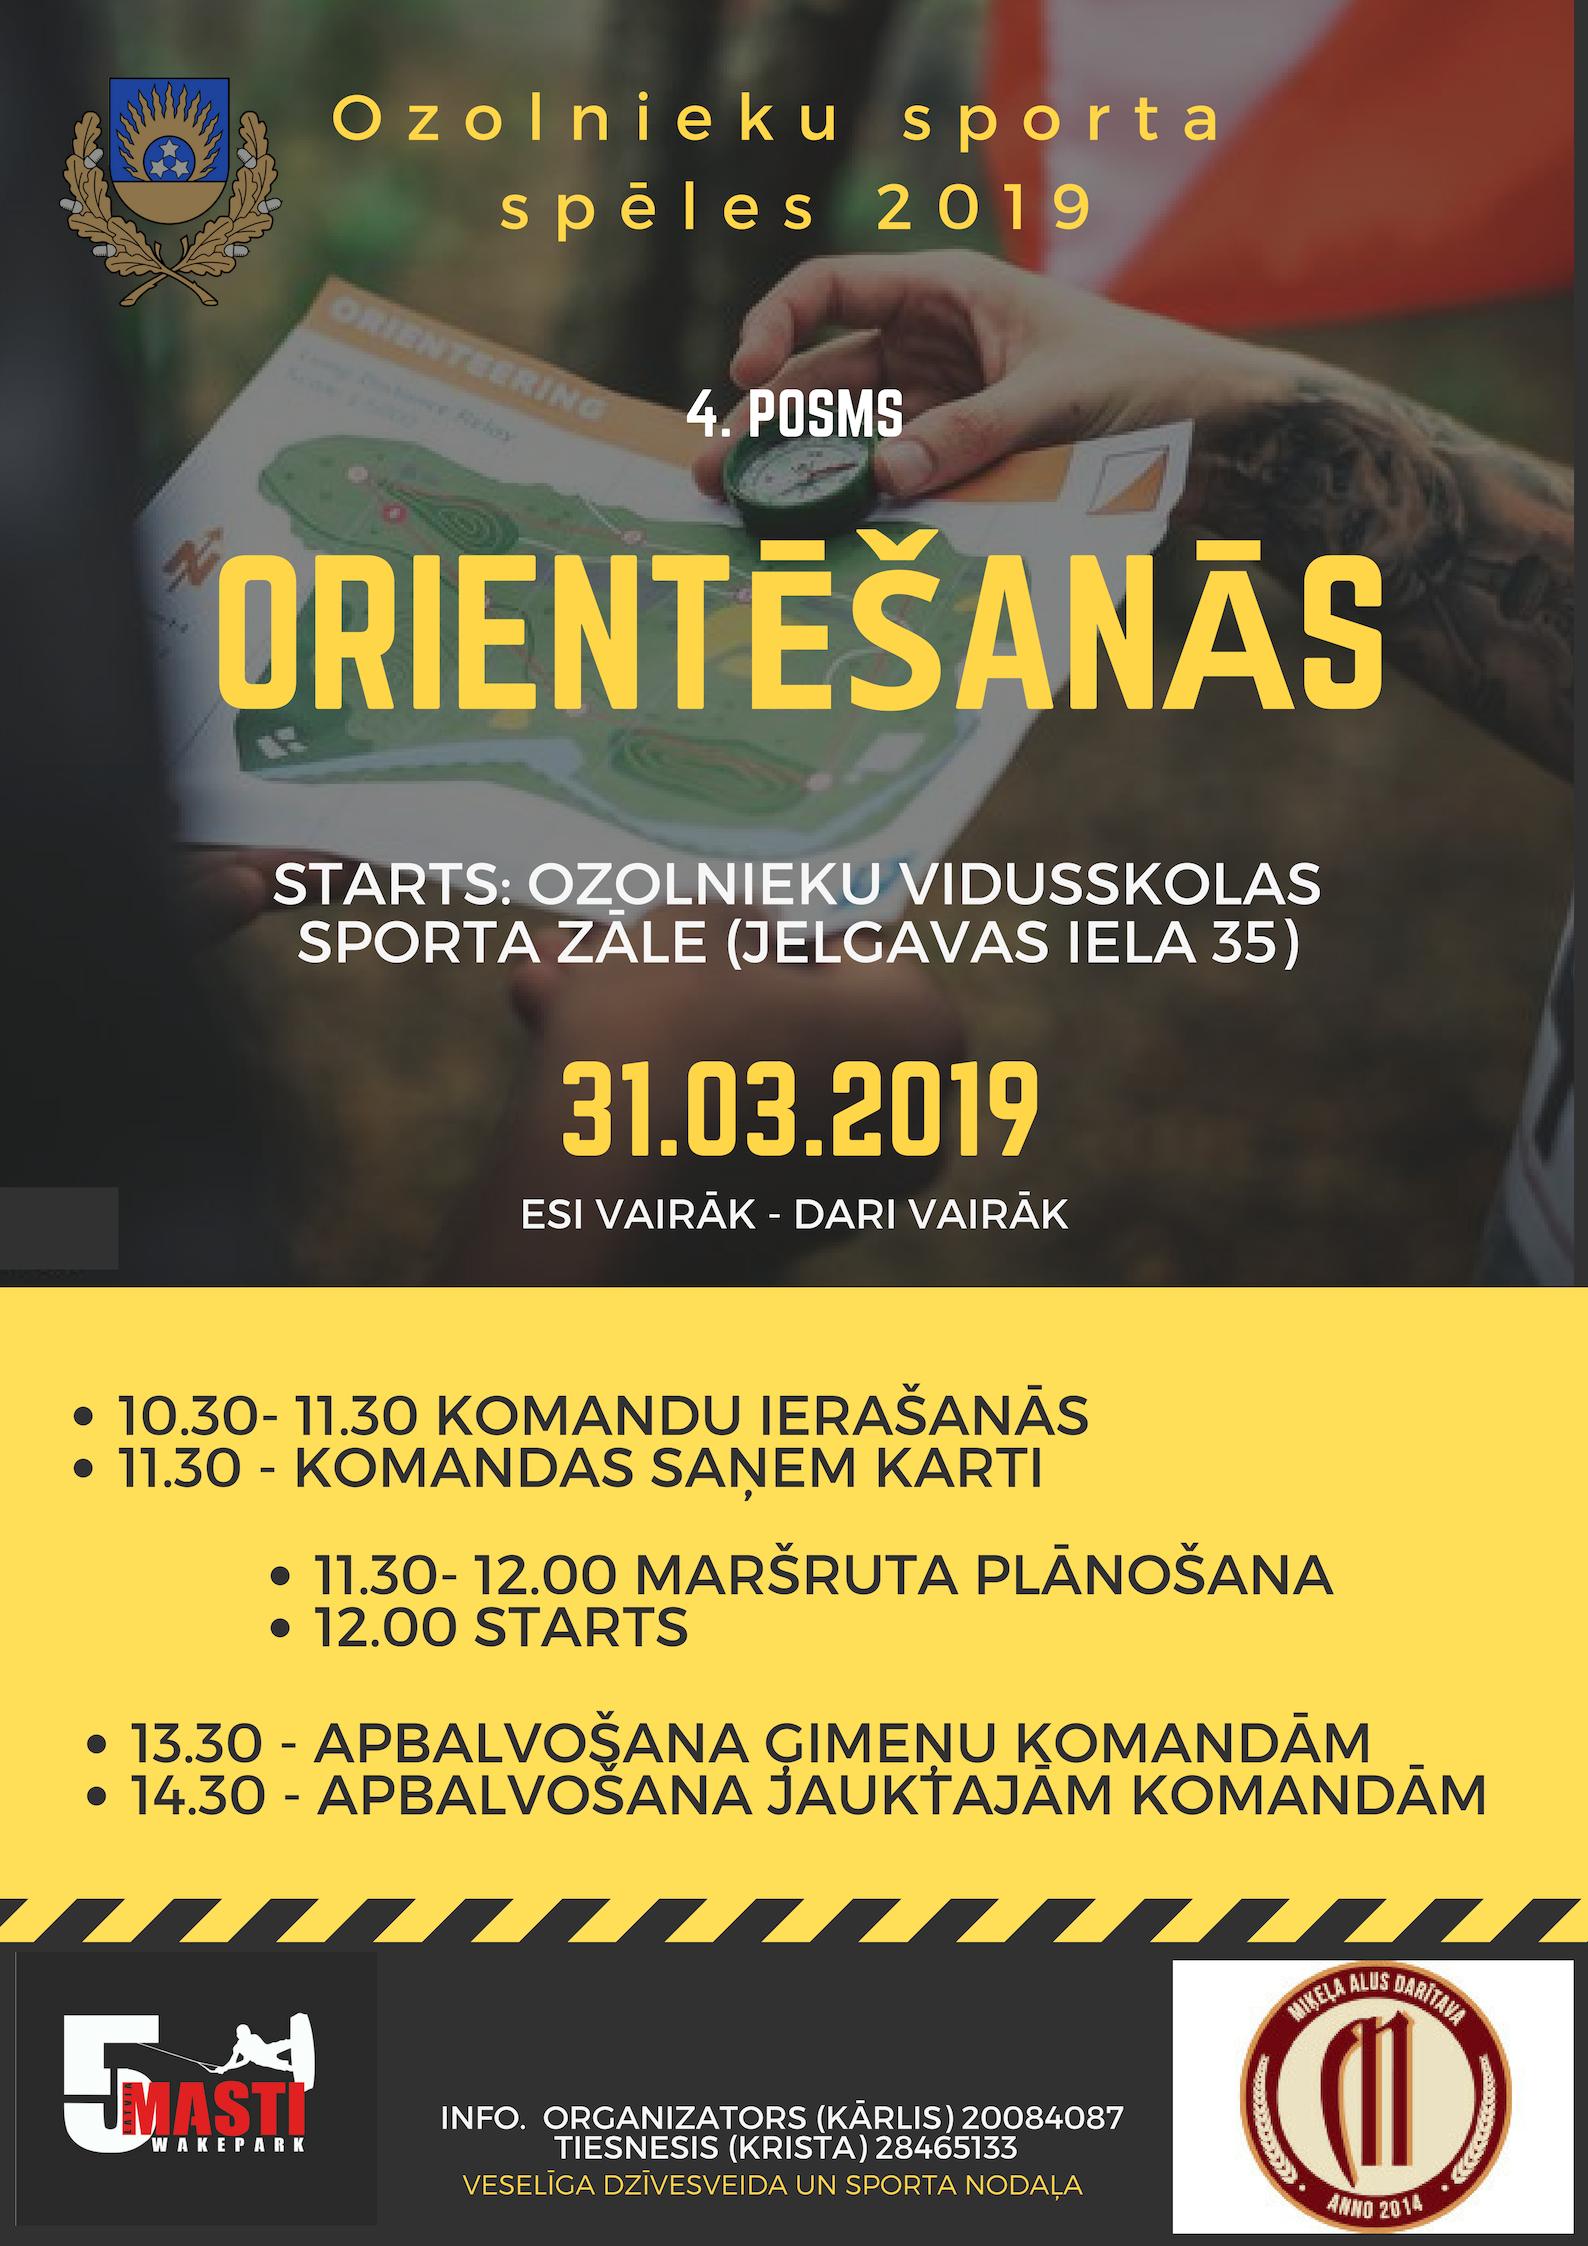 Ozolnieku Sporta spēles 2019 - Orientēšanās